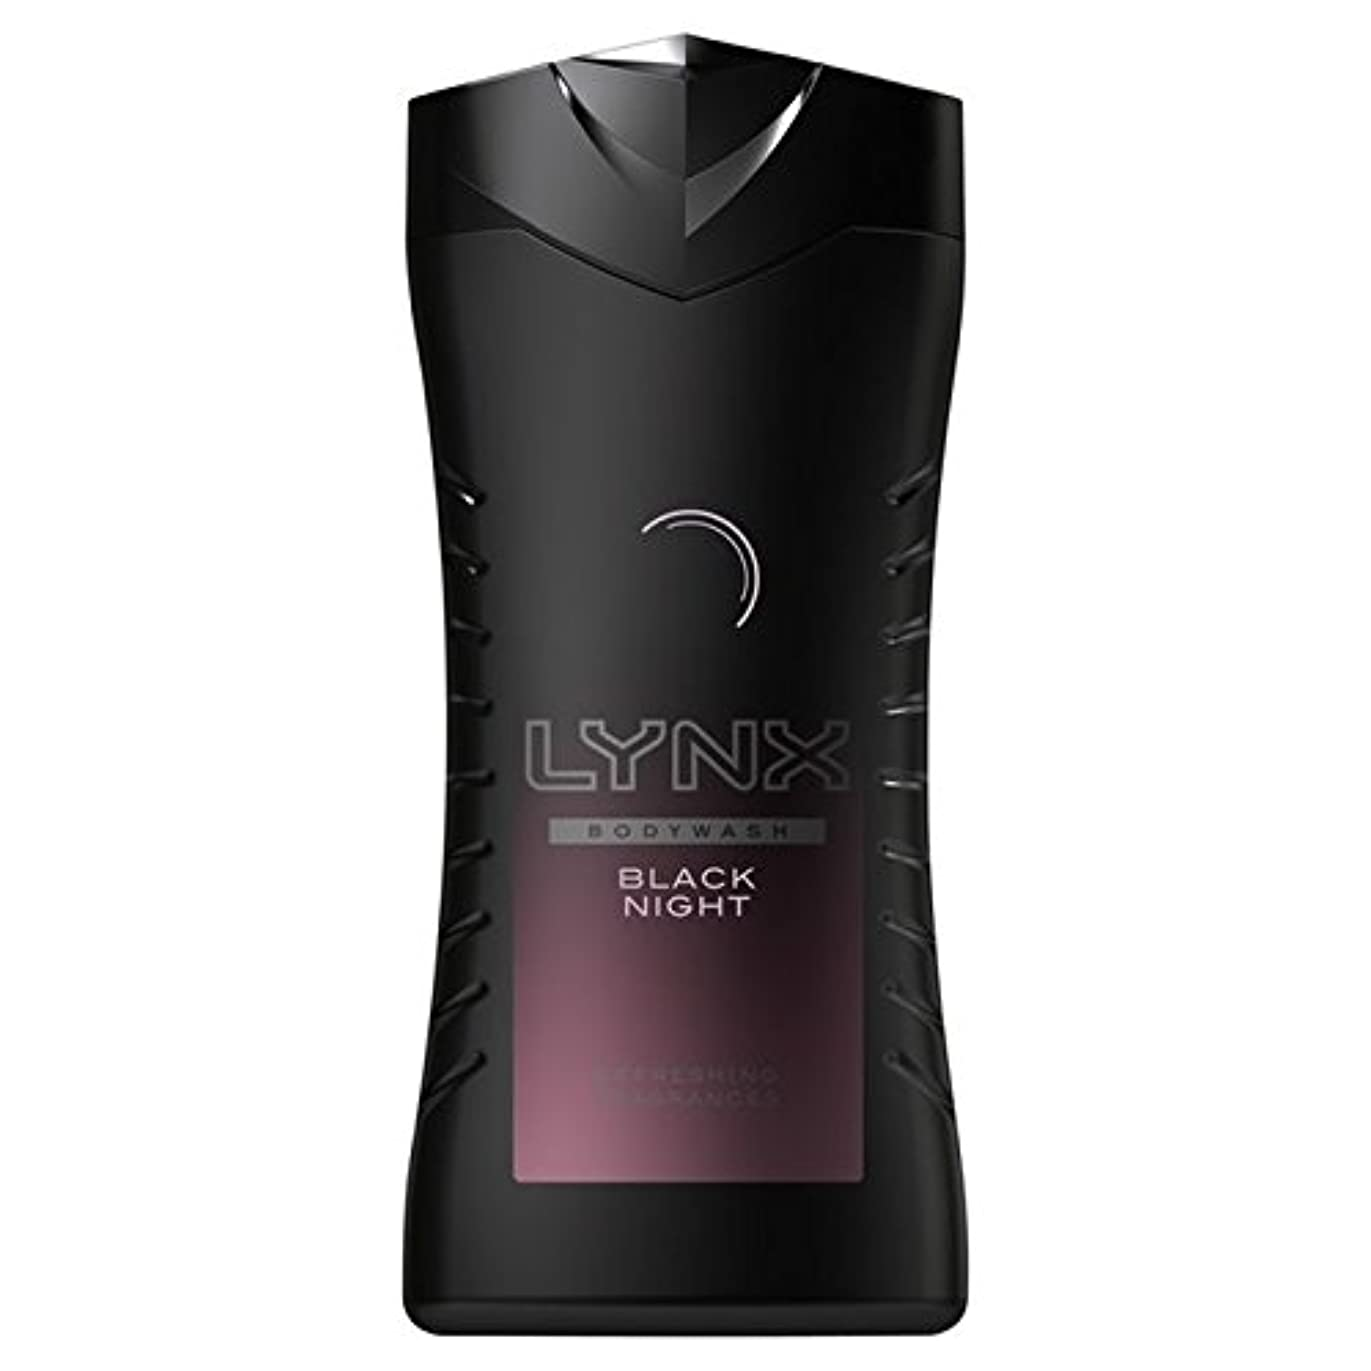 メタリックパイロット鉛筆オオヤマネコ黒夜シャワージェル250ミリリットル x2 - Lynx Black Night Shower Gel 250ml (Pack of 2) [並行輸入品]